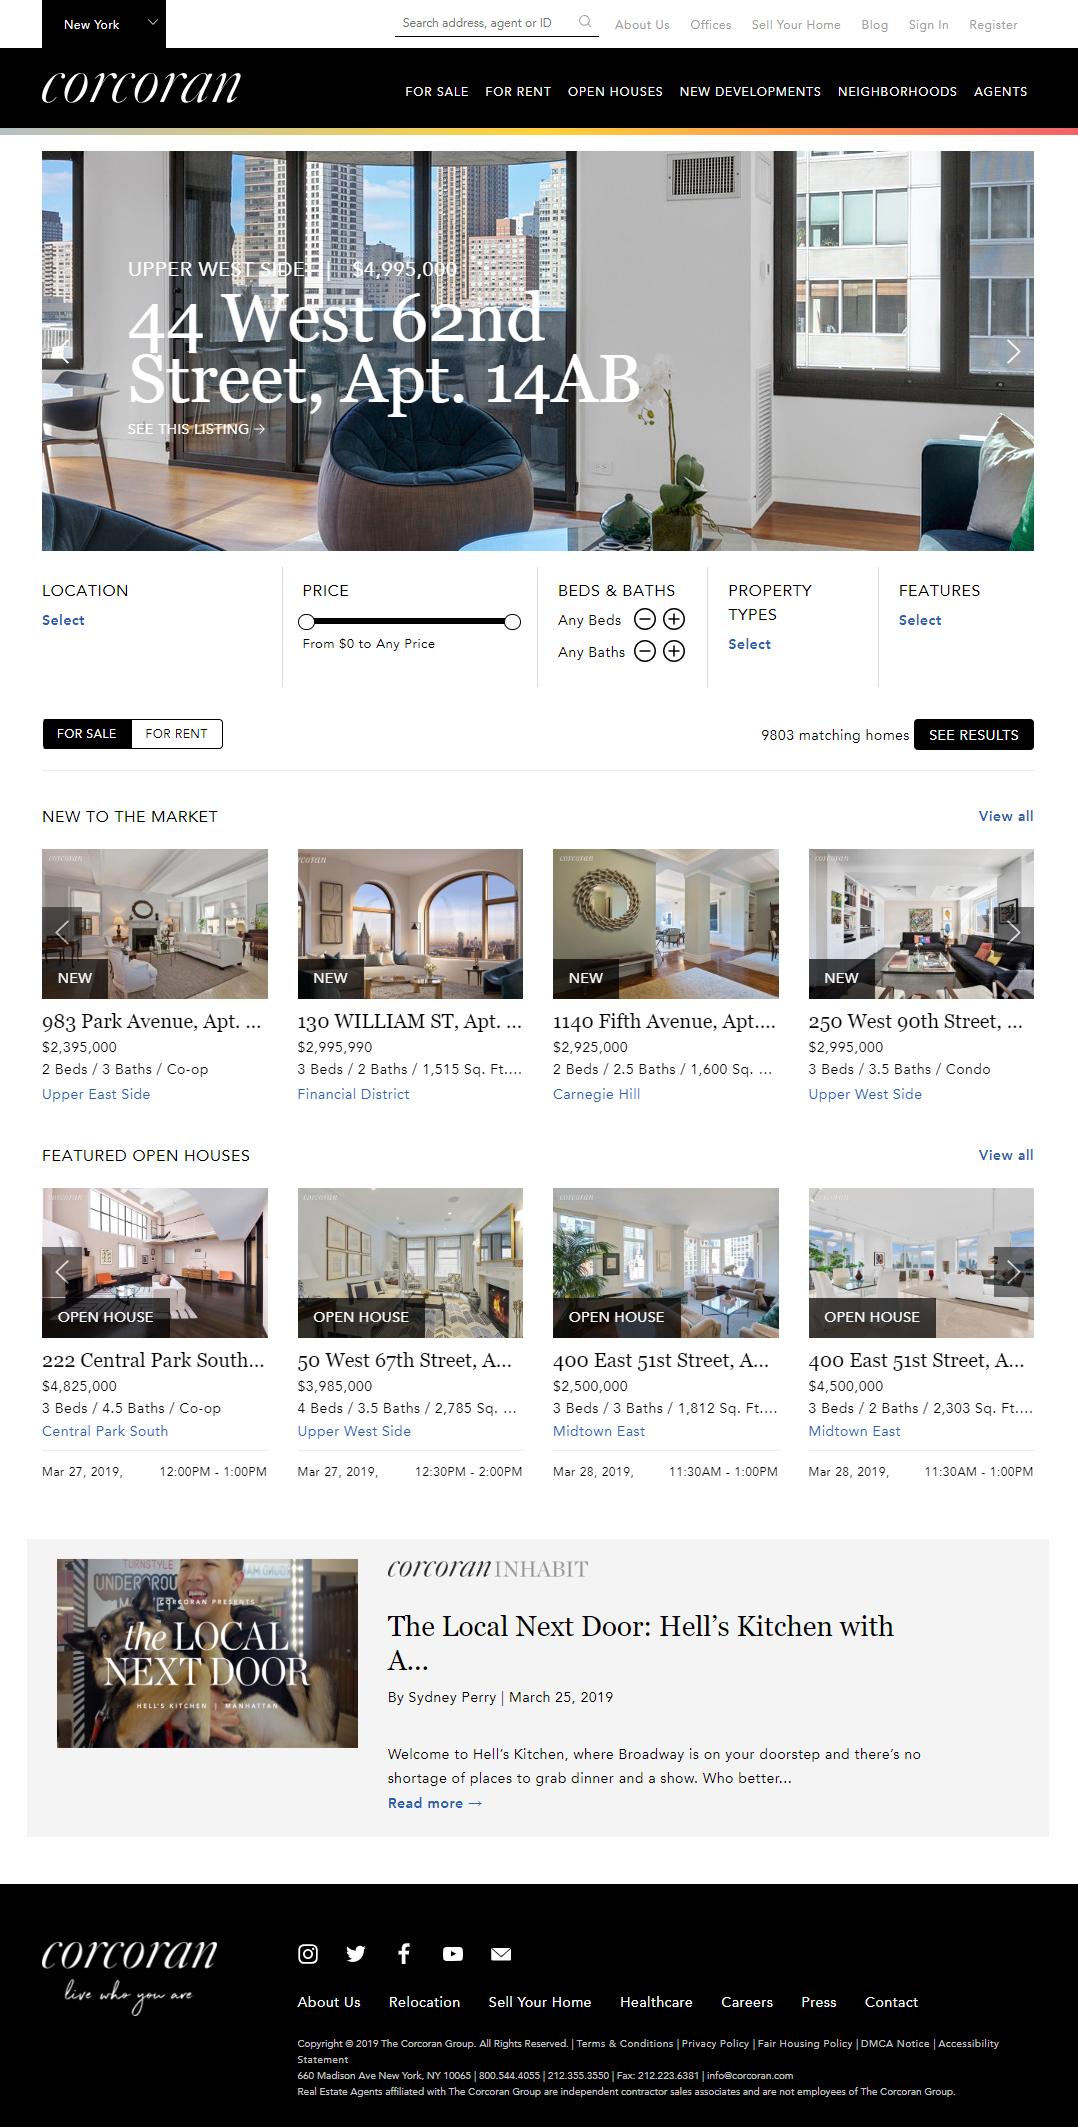 Corcoran.com Hompage